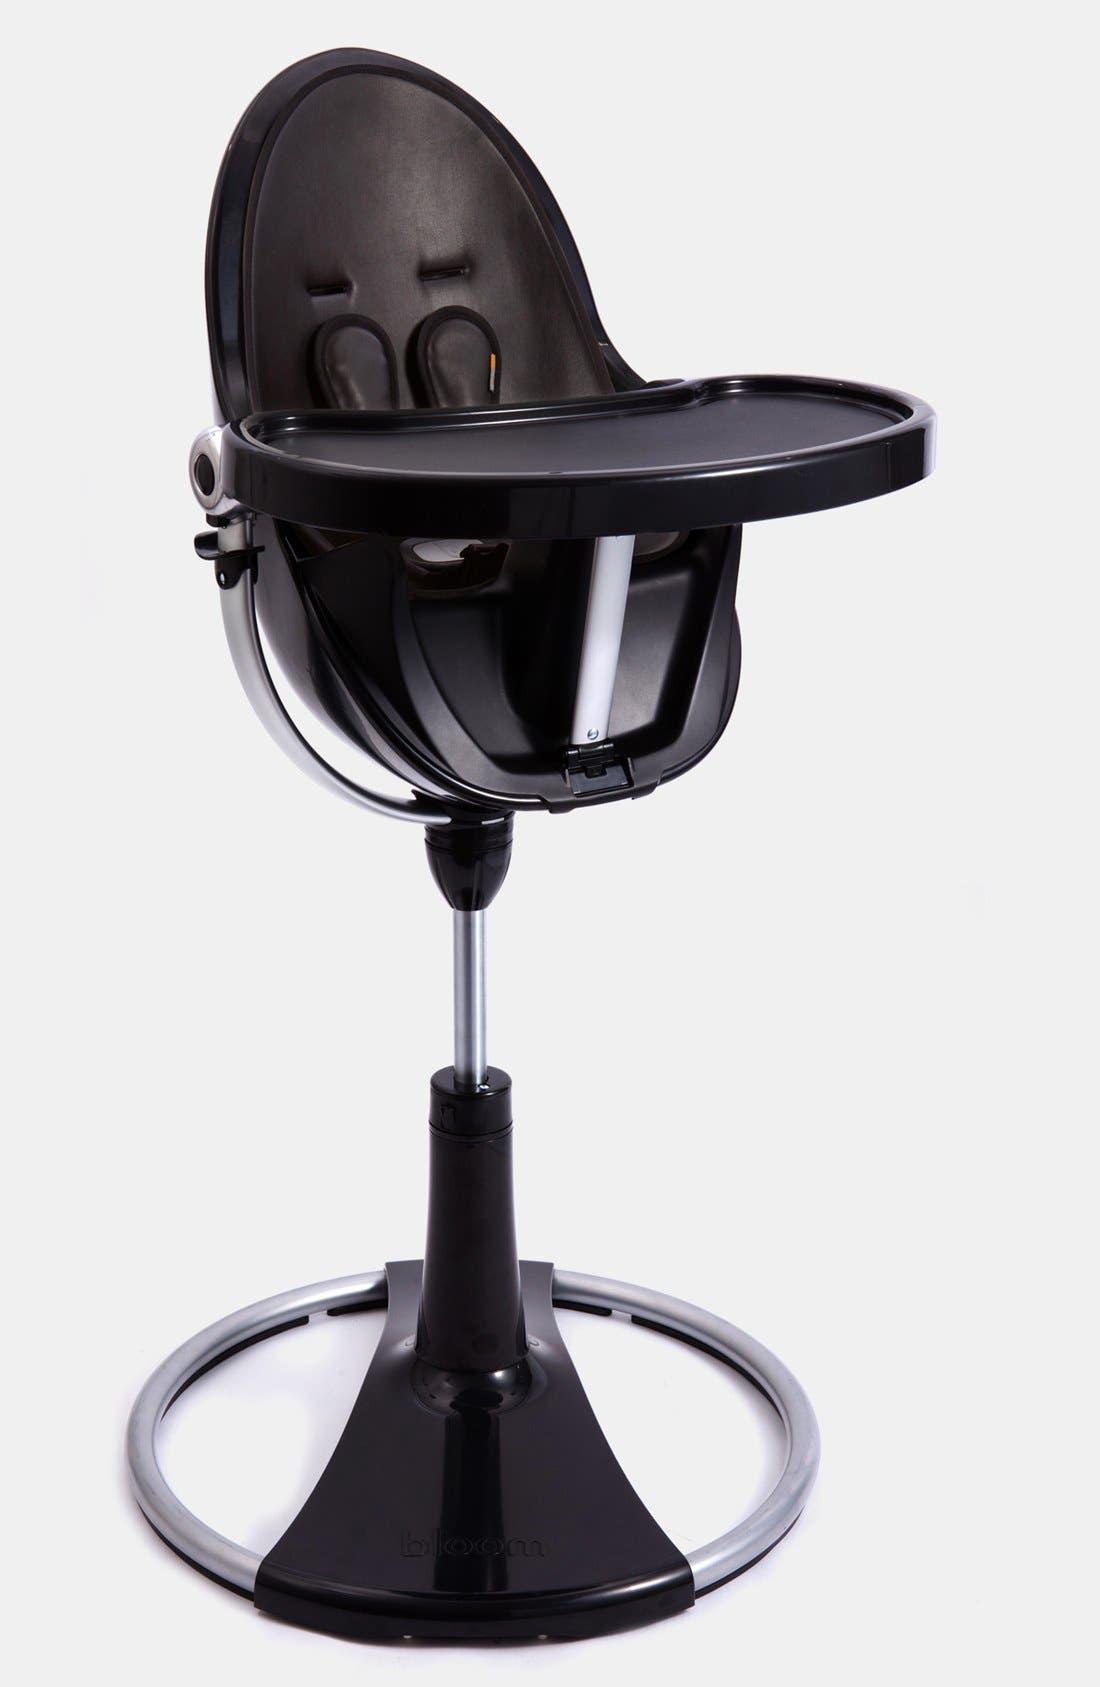 bloom 'Fresco™ Chrome' Contemporary Highchair